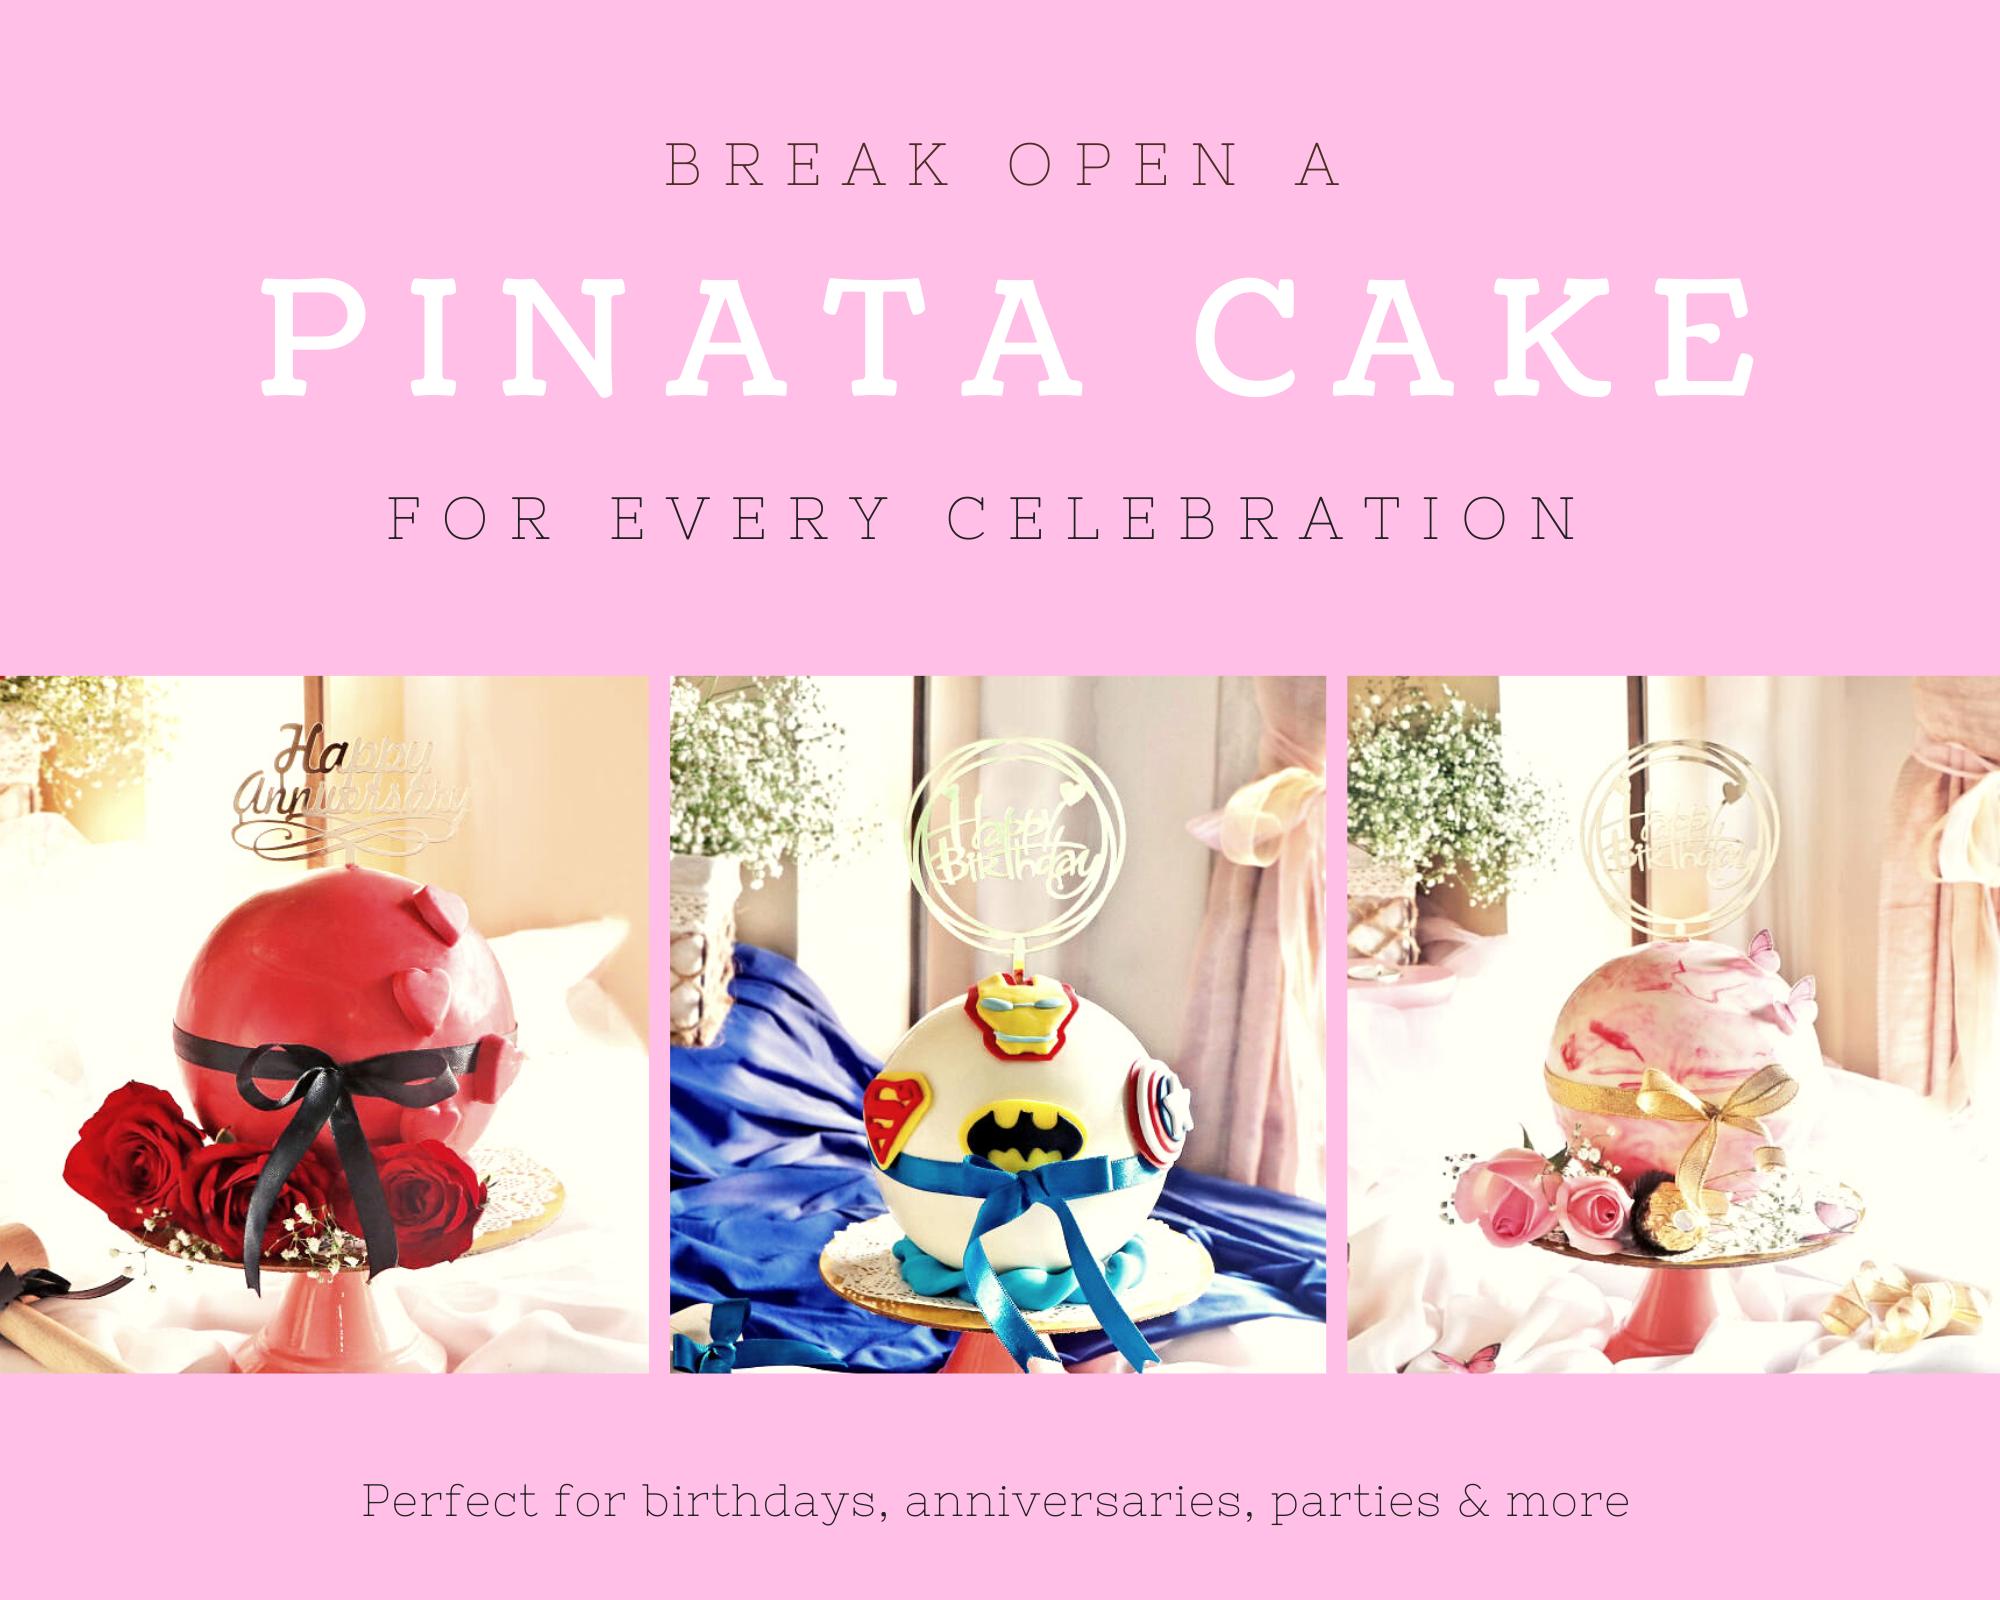 Pinata cake variety